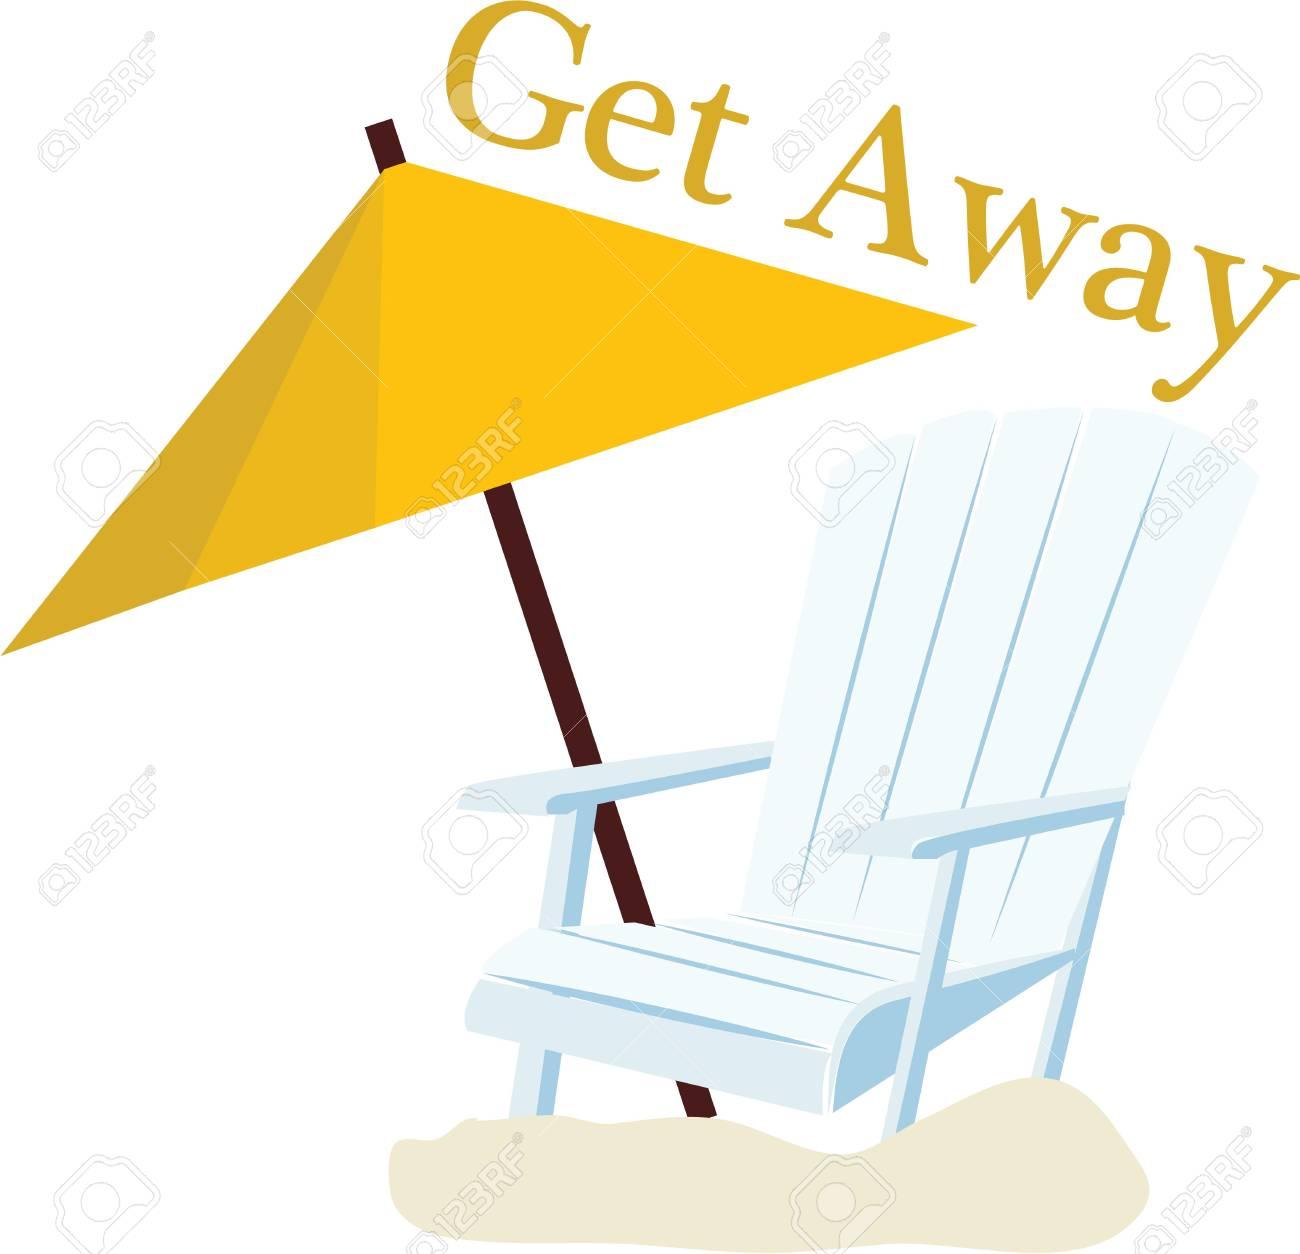 Eine Taschen Strand Wird Mit Einem Stuhl Auf Sonne Schön Akzentuierten Aussehen